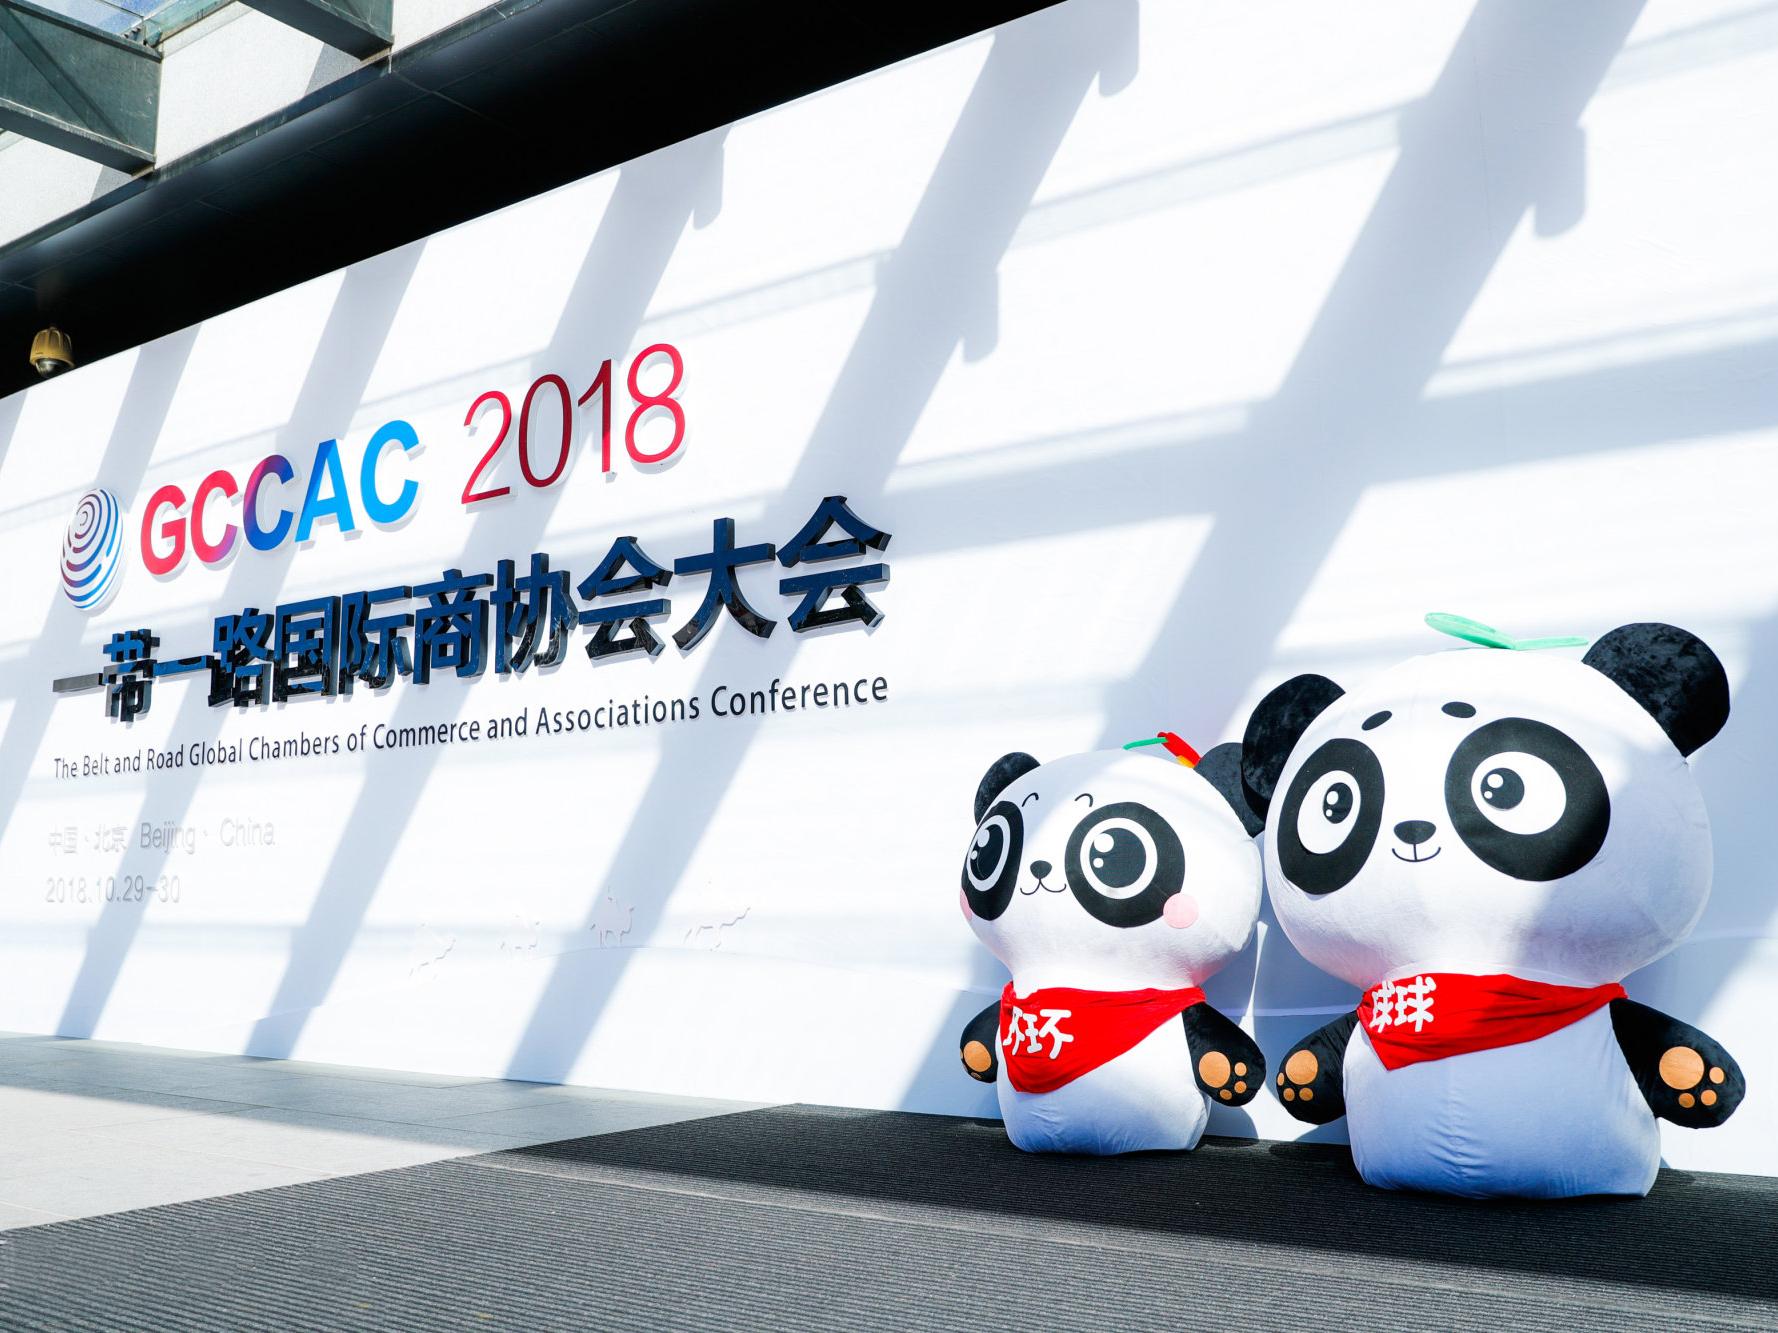 一带一路国际商协会大会